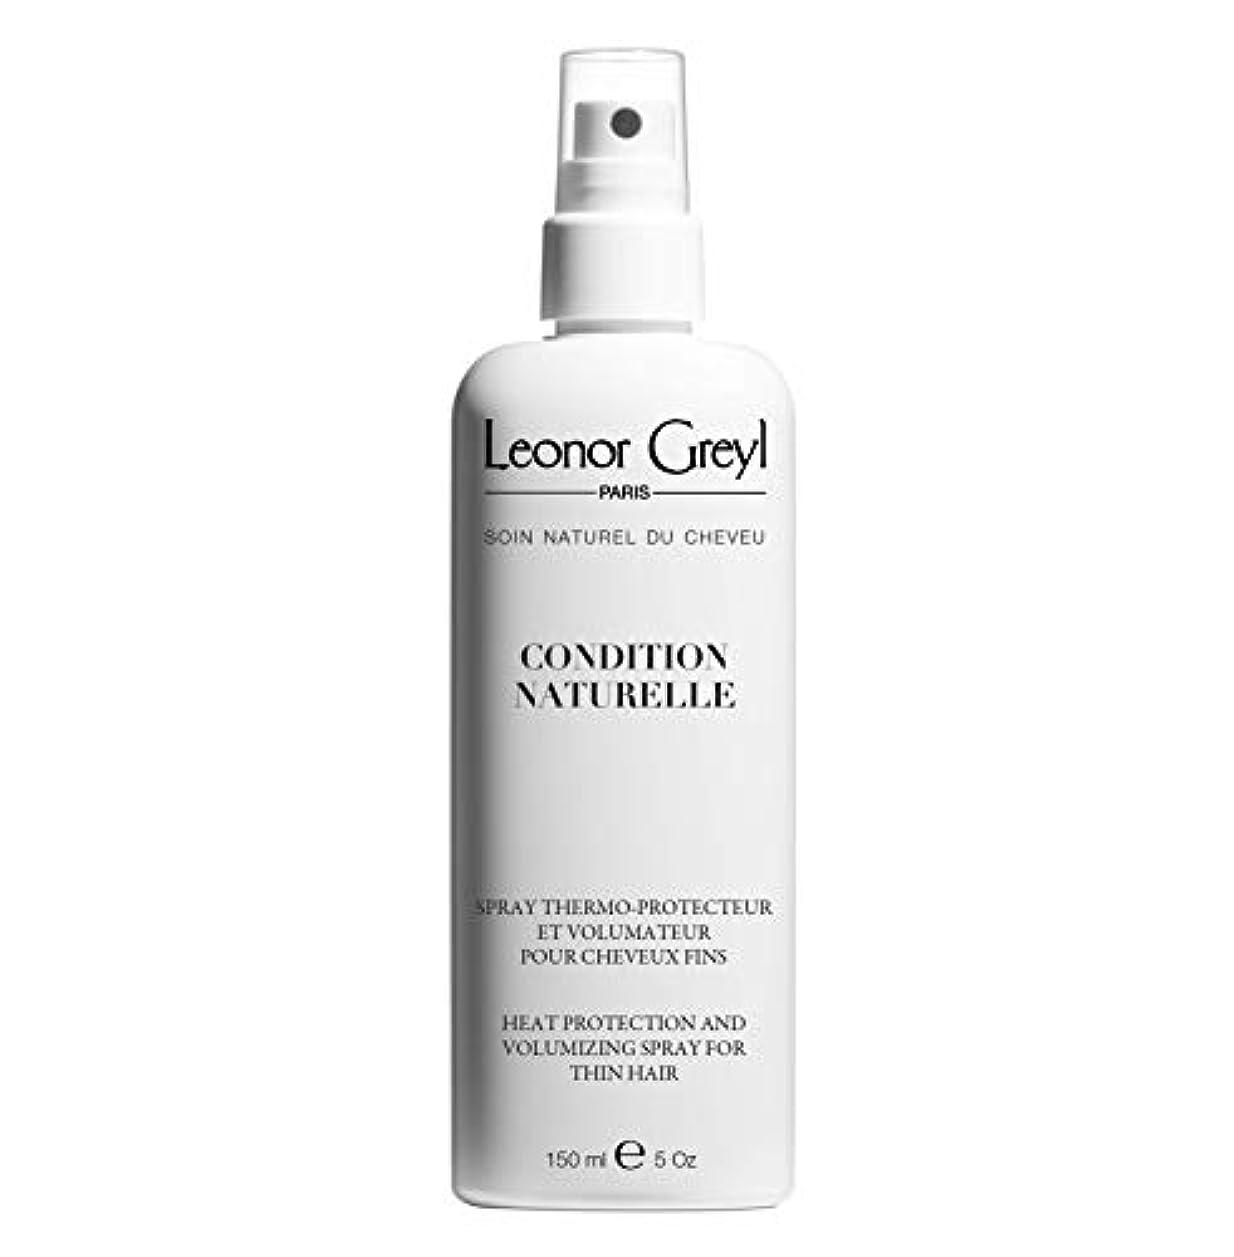 捧げるふさわしい開梱Leonor Greyl Paris コンディションNaturelle - 熱は保護とボリューム化は薄い髪、5.2オンスのためのスプレー。